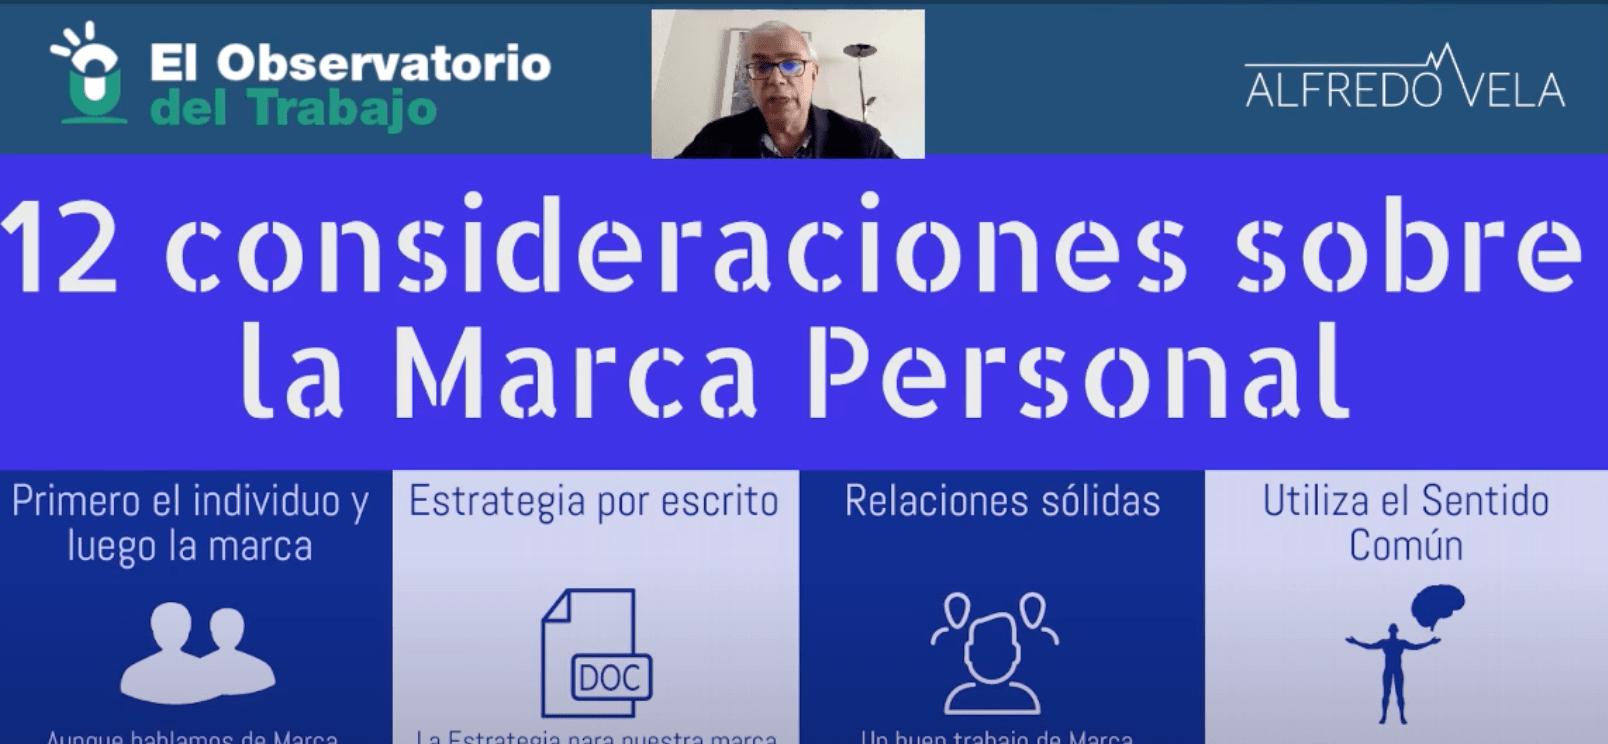 12 consideraciones sobre la Marca Personal (vídeo) #marcapersonal #personalbranding